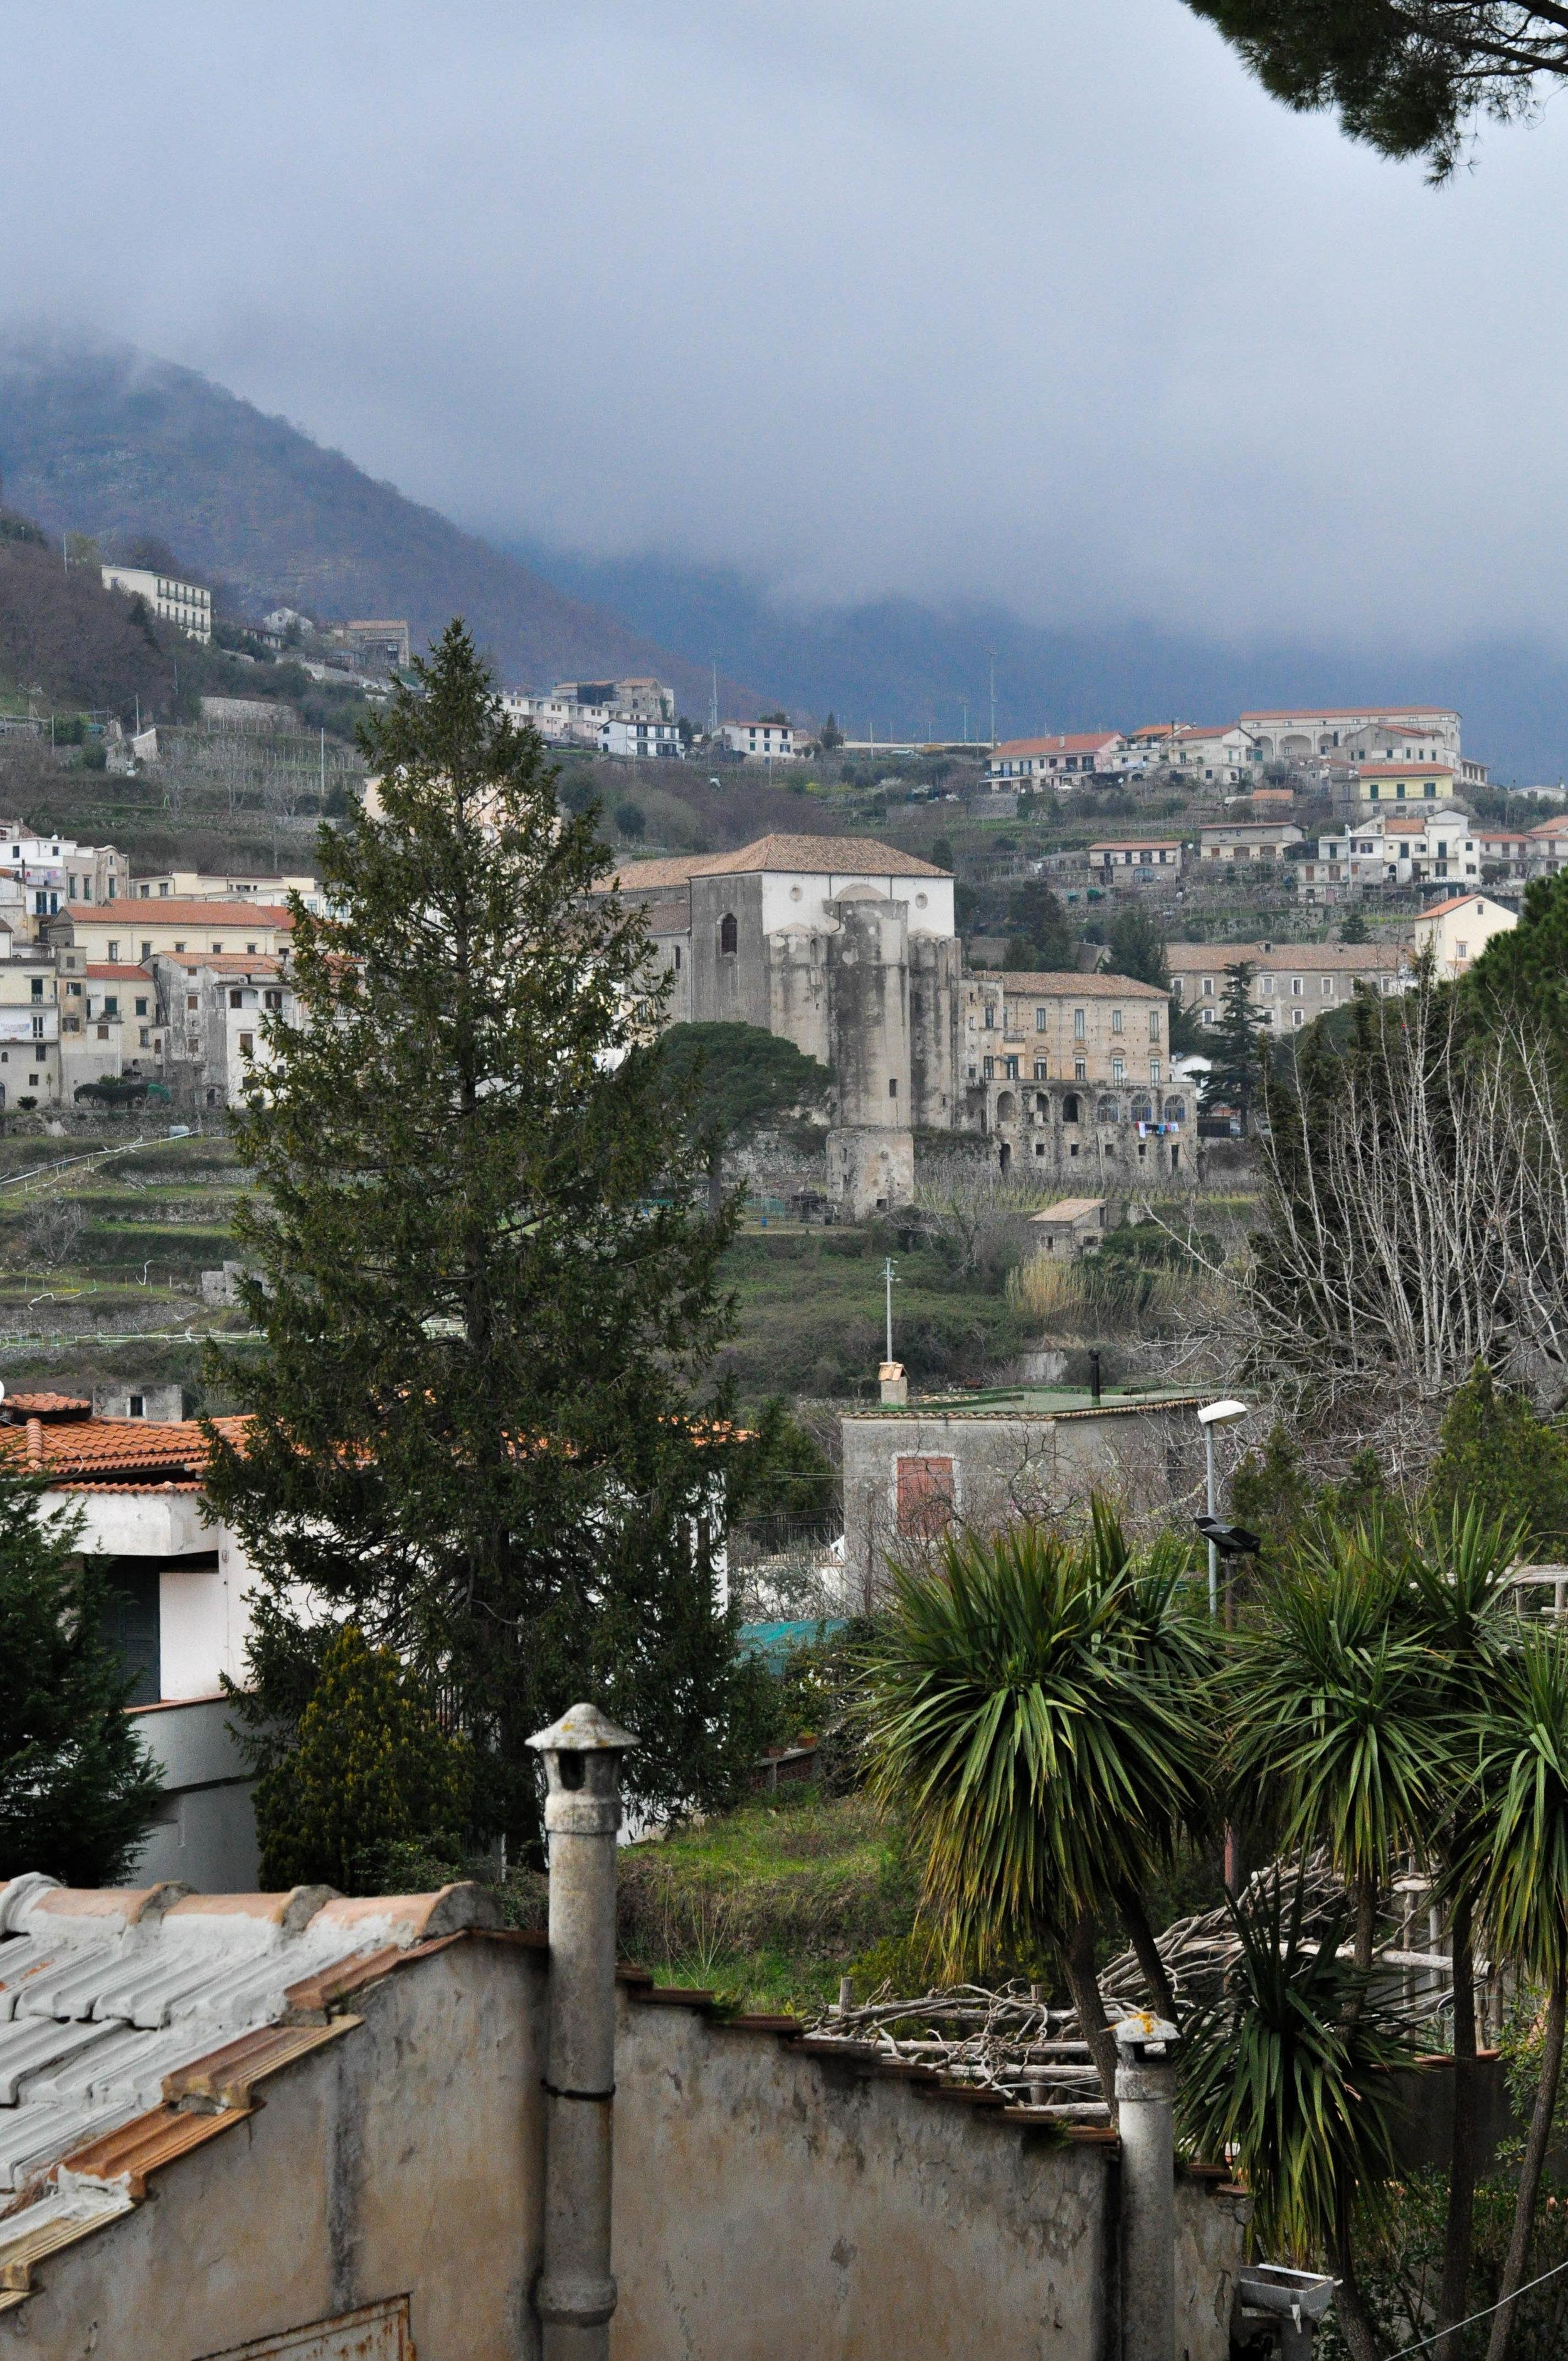 AmalfiCapriPompeii-179.jpg